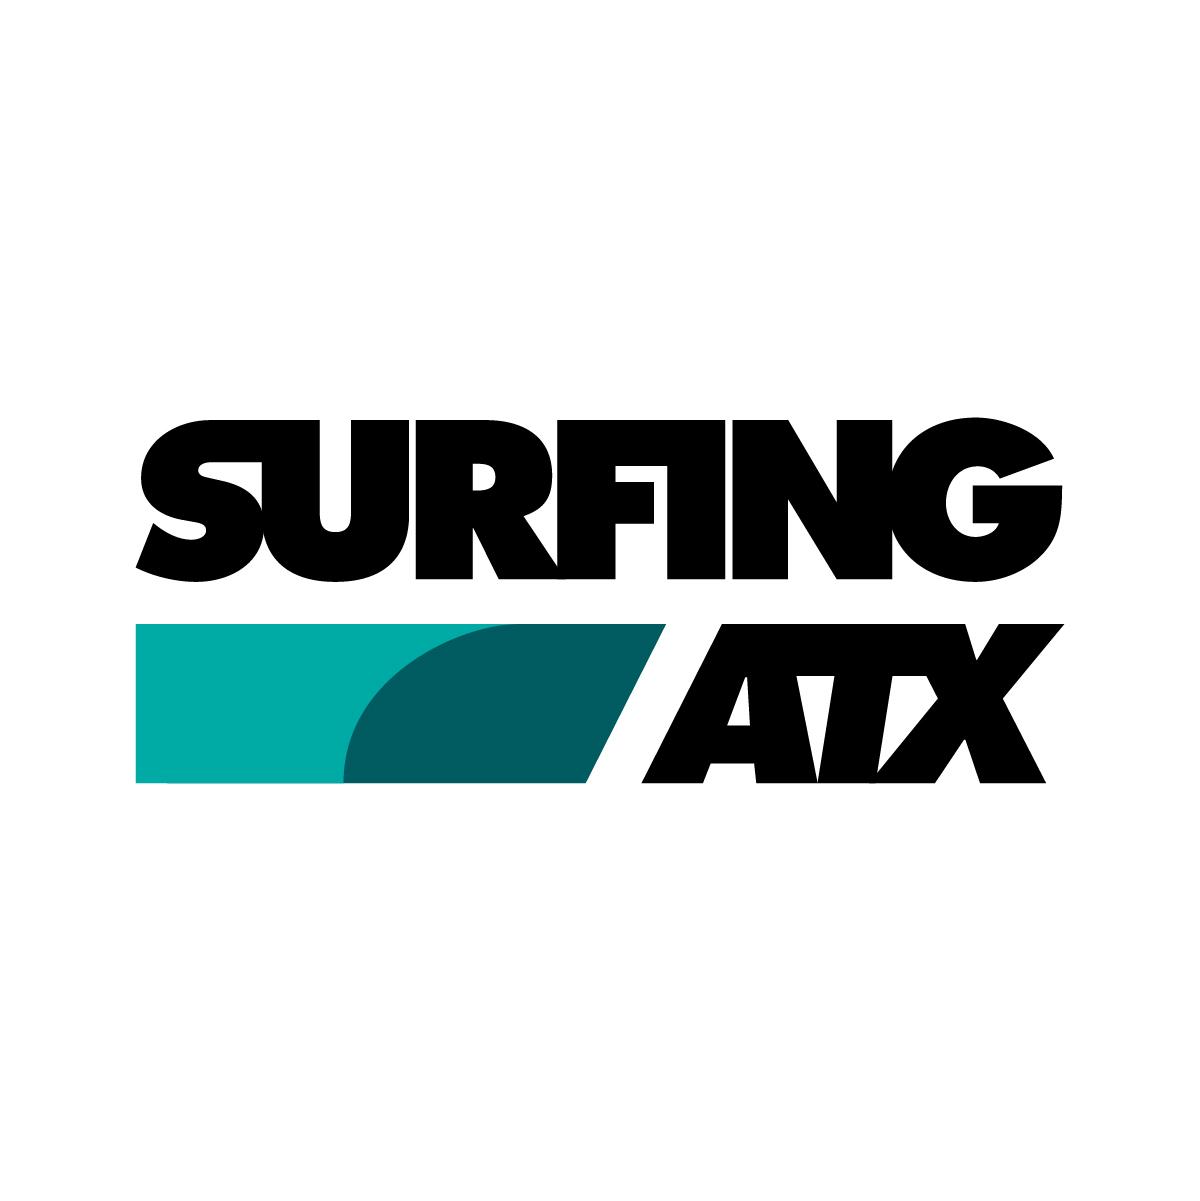 Surfing ATX